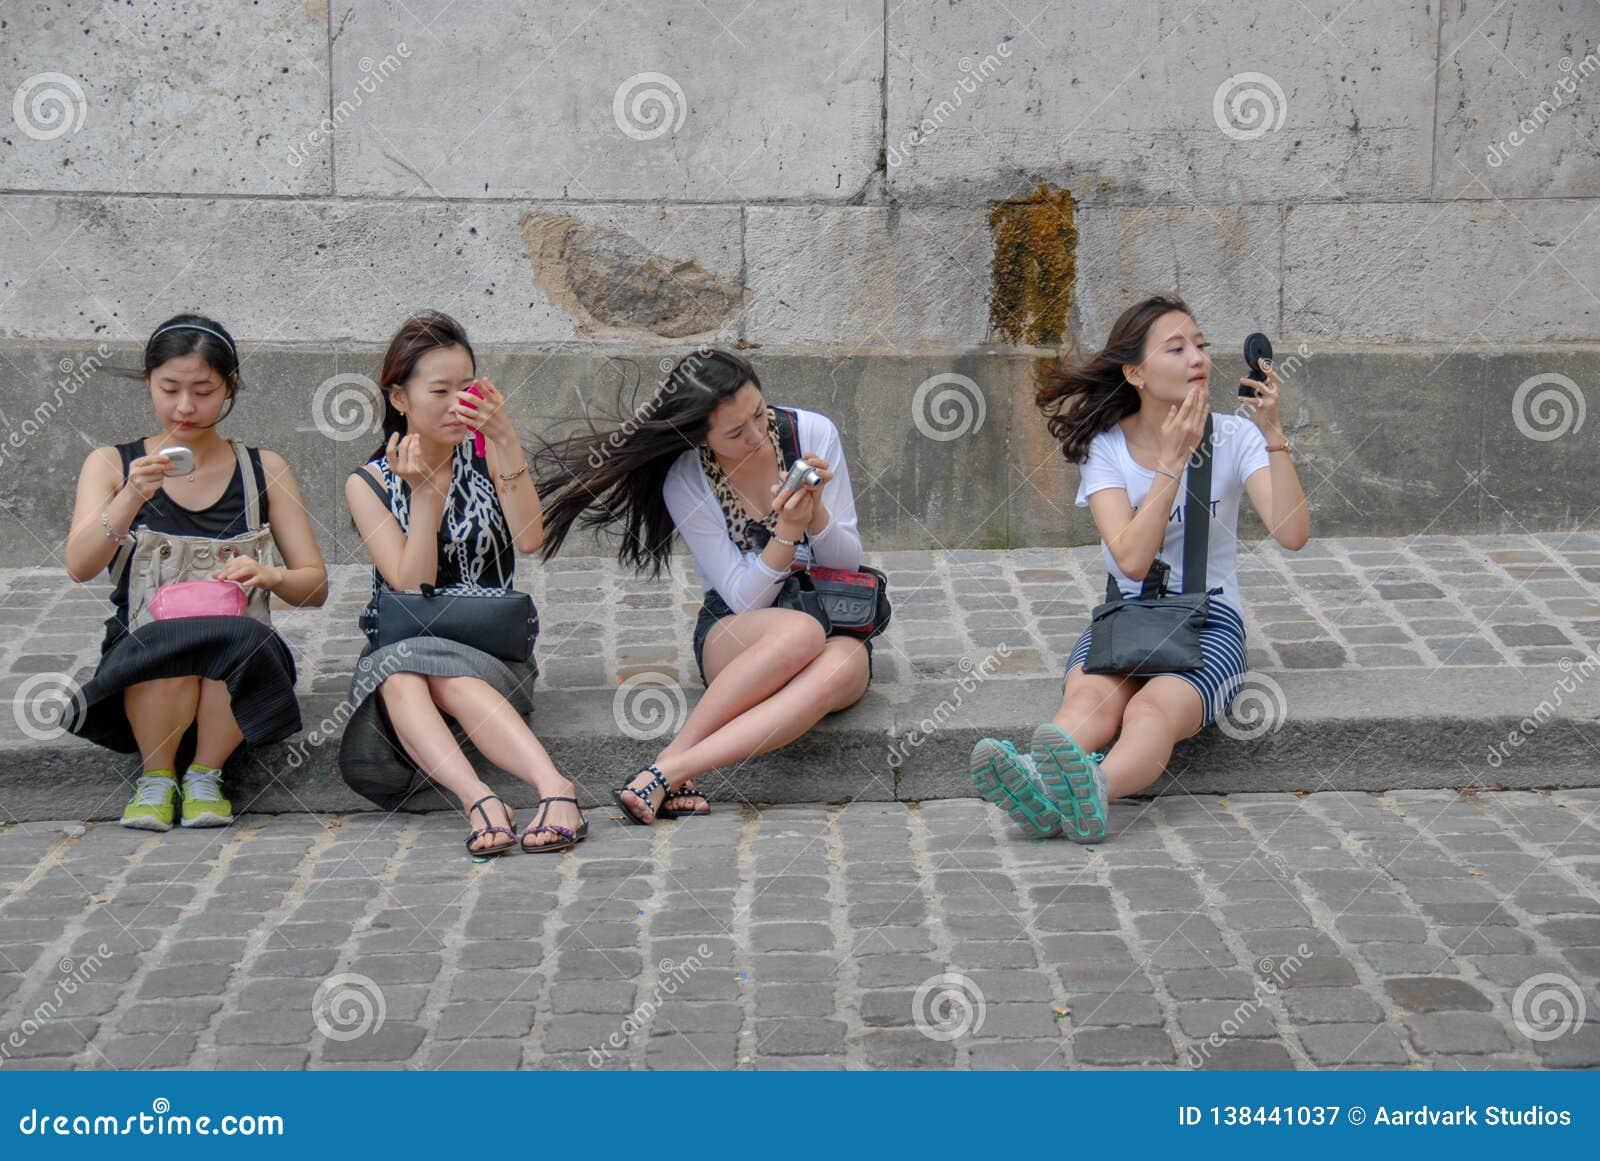 申请构成的四位中国女性